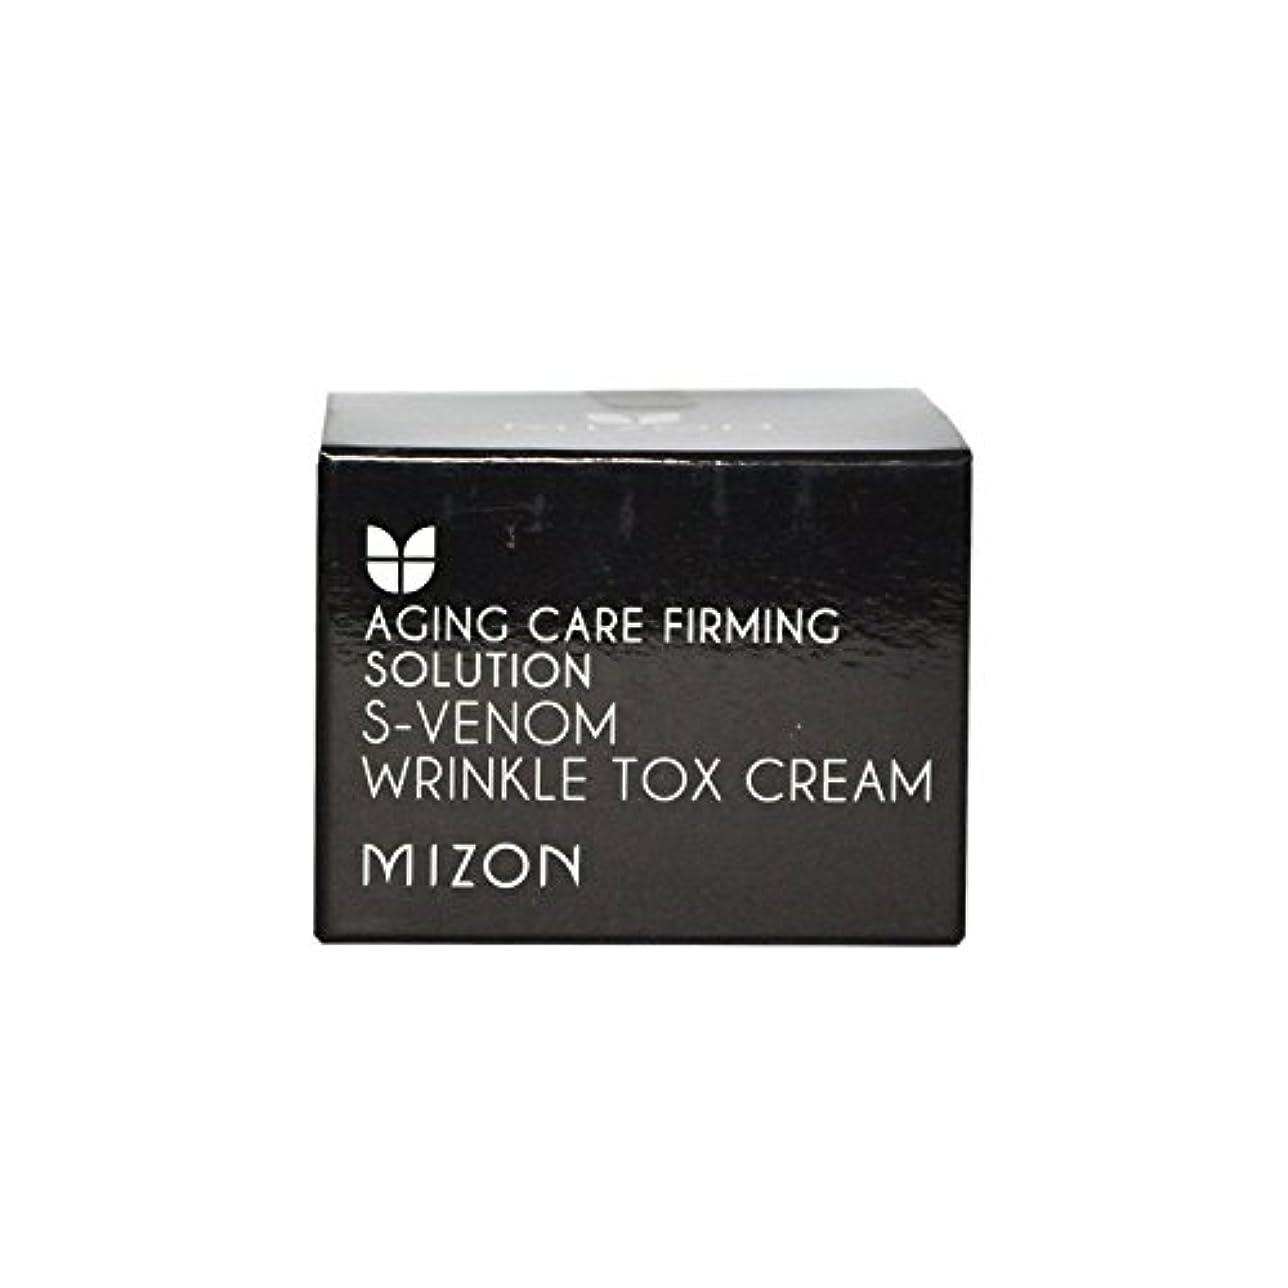 一般的なテザーレビュアーの毒リンクルトックスクリーム x4 - Mizon S Venom Wrinkle Tox Cream (Pack of 4) [並行輸入品]